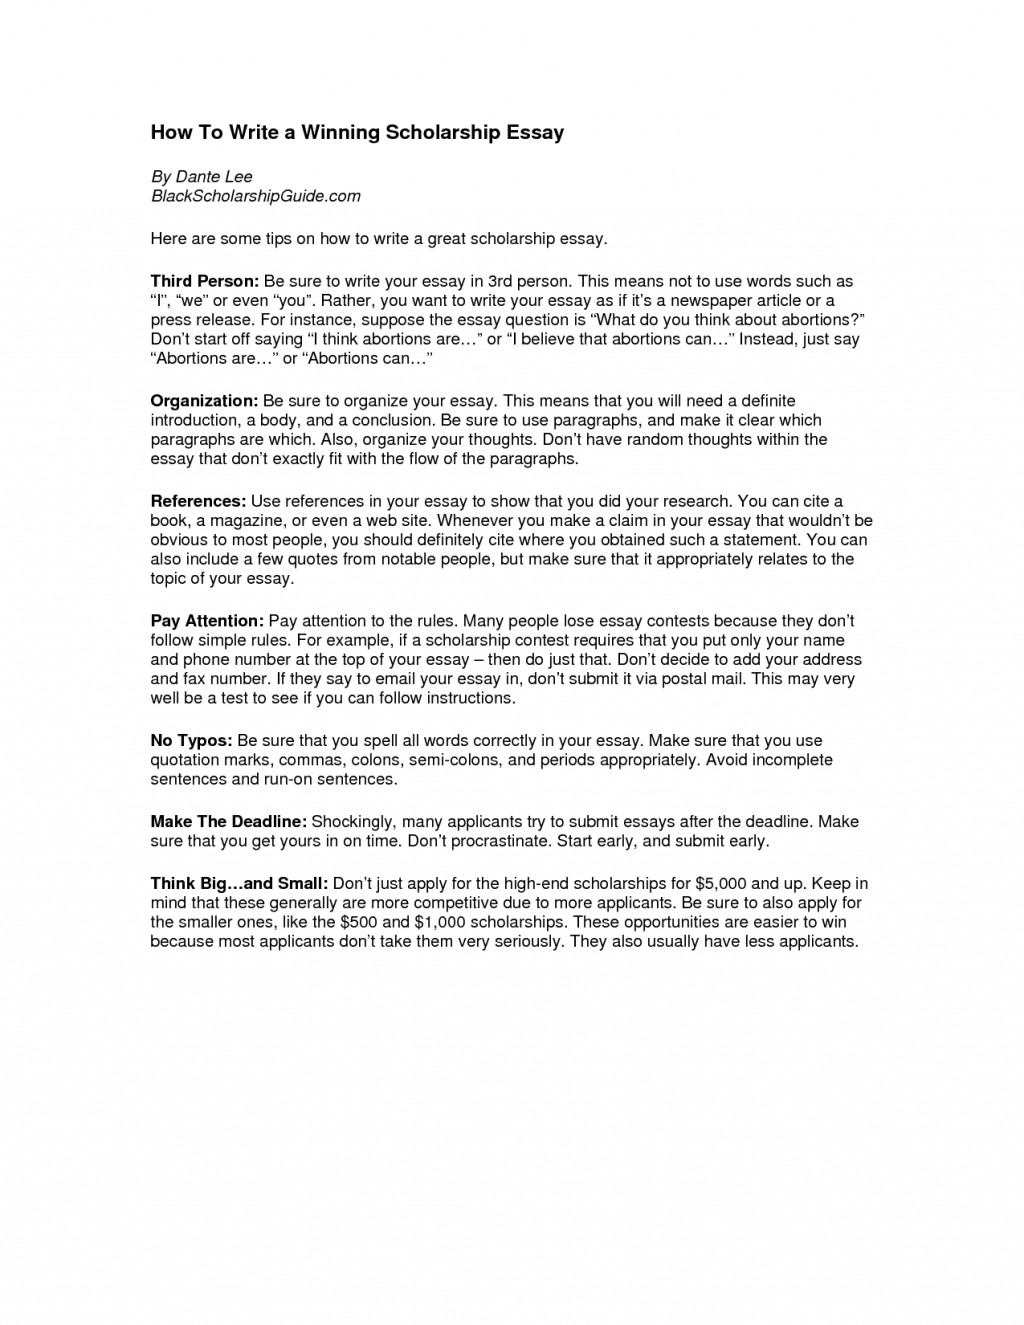 010 Zmemxteu5z Essay Example Short Amazing Scholarships College Easy Large